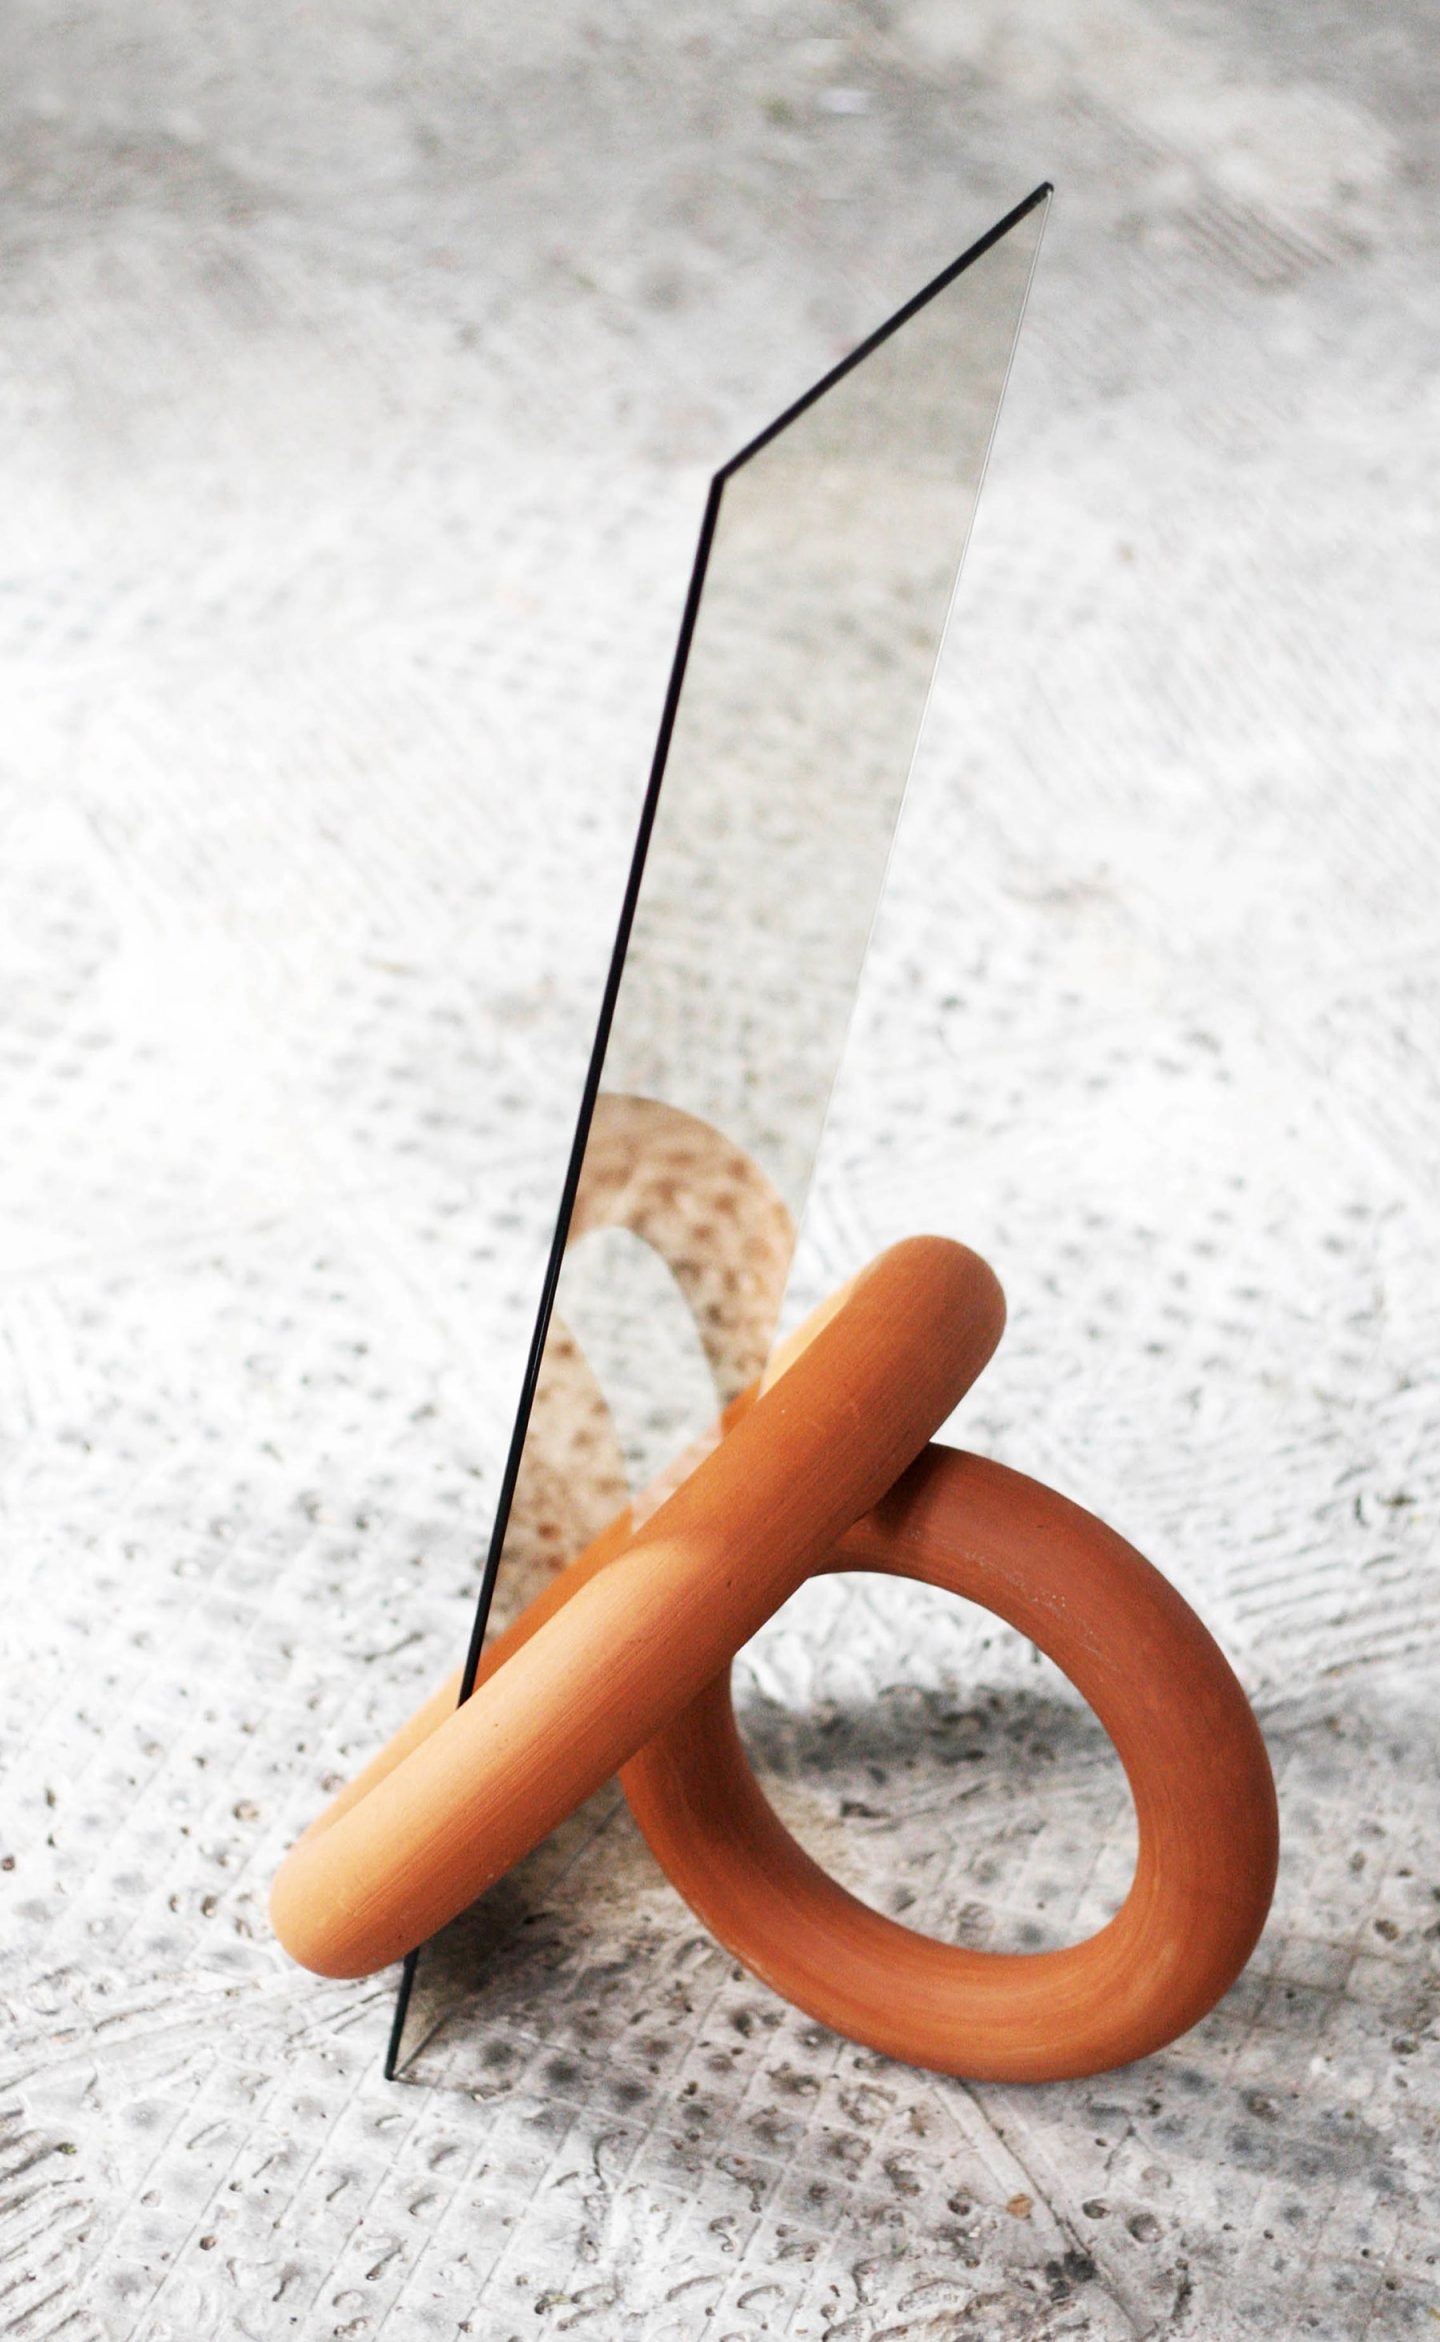 iGNANT-Design-Julen-Ussia-Acopio-026